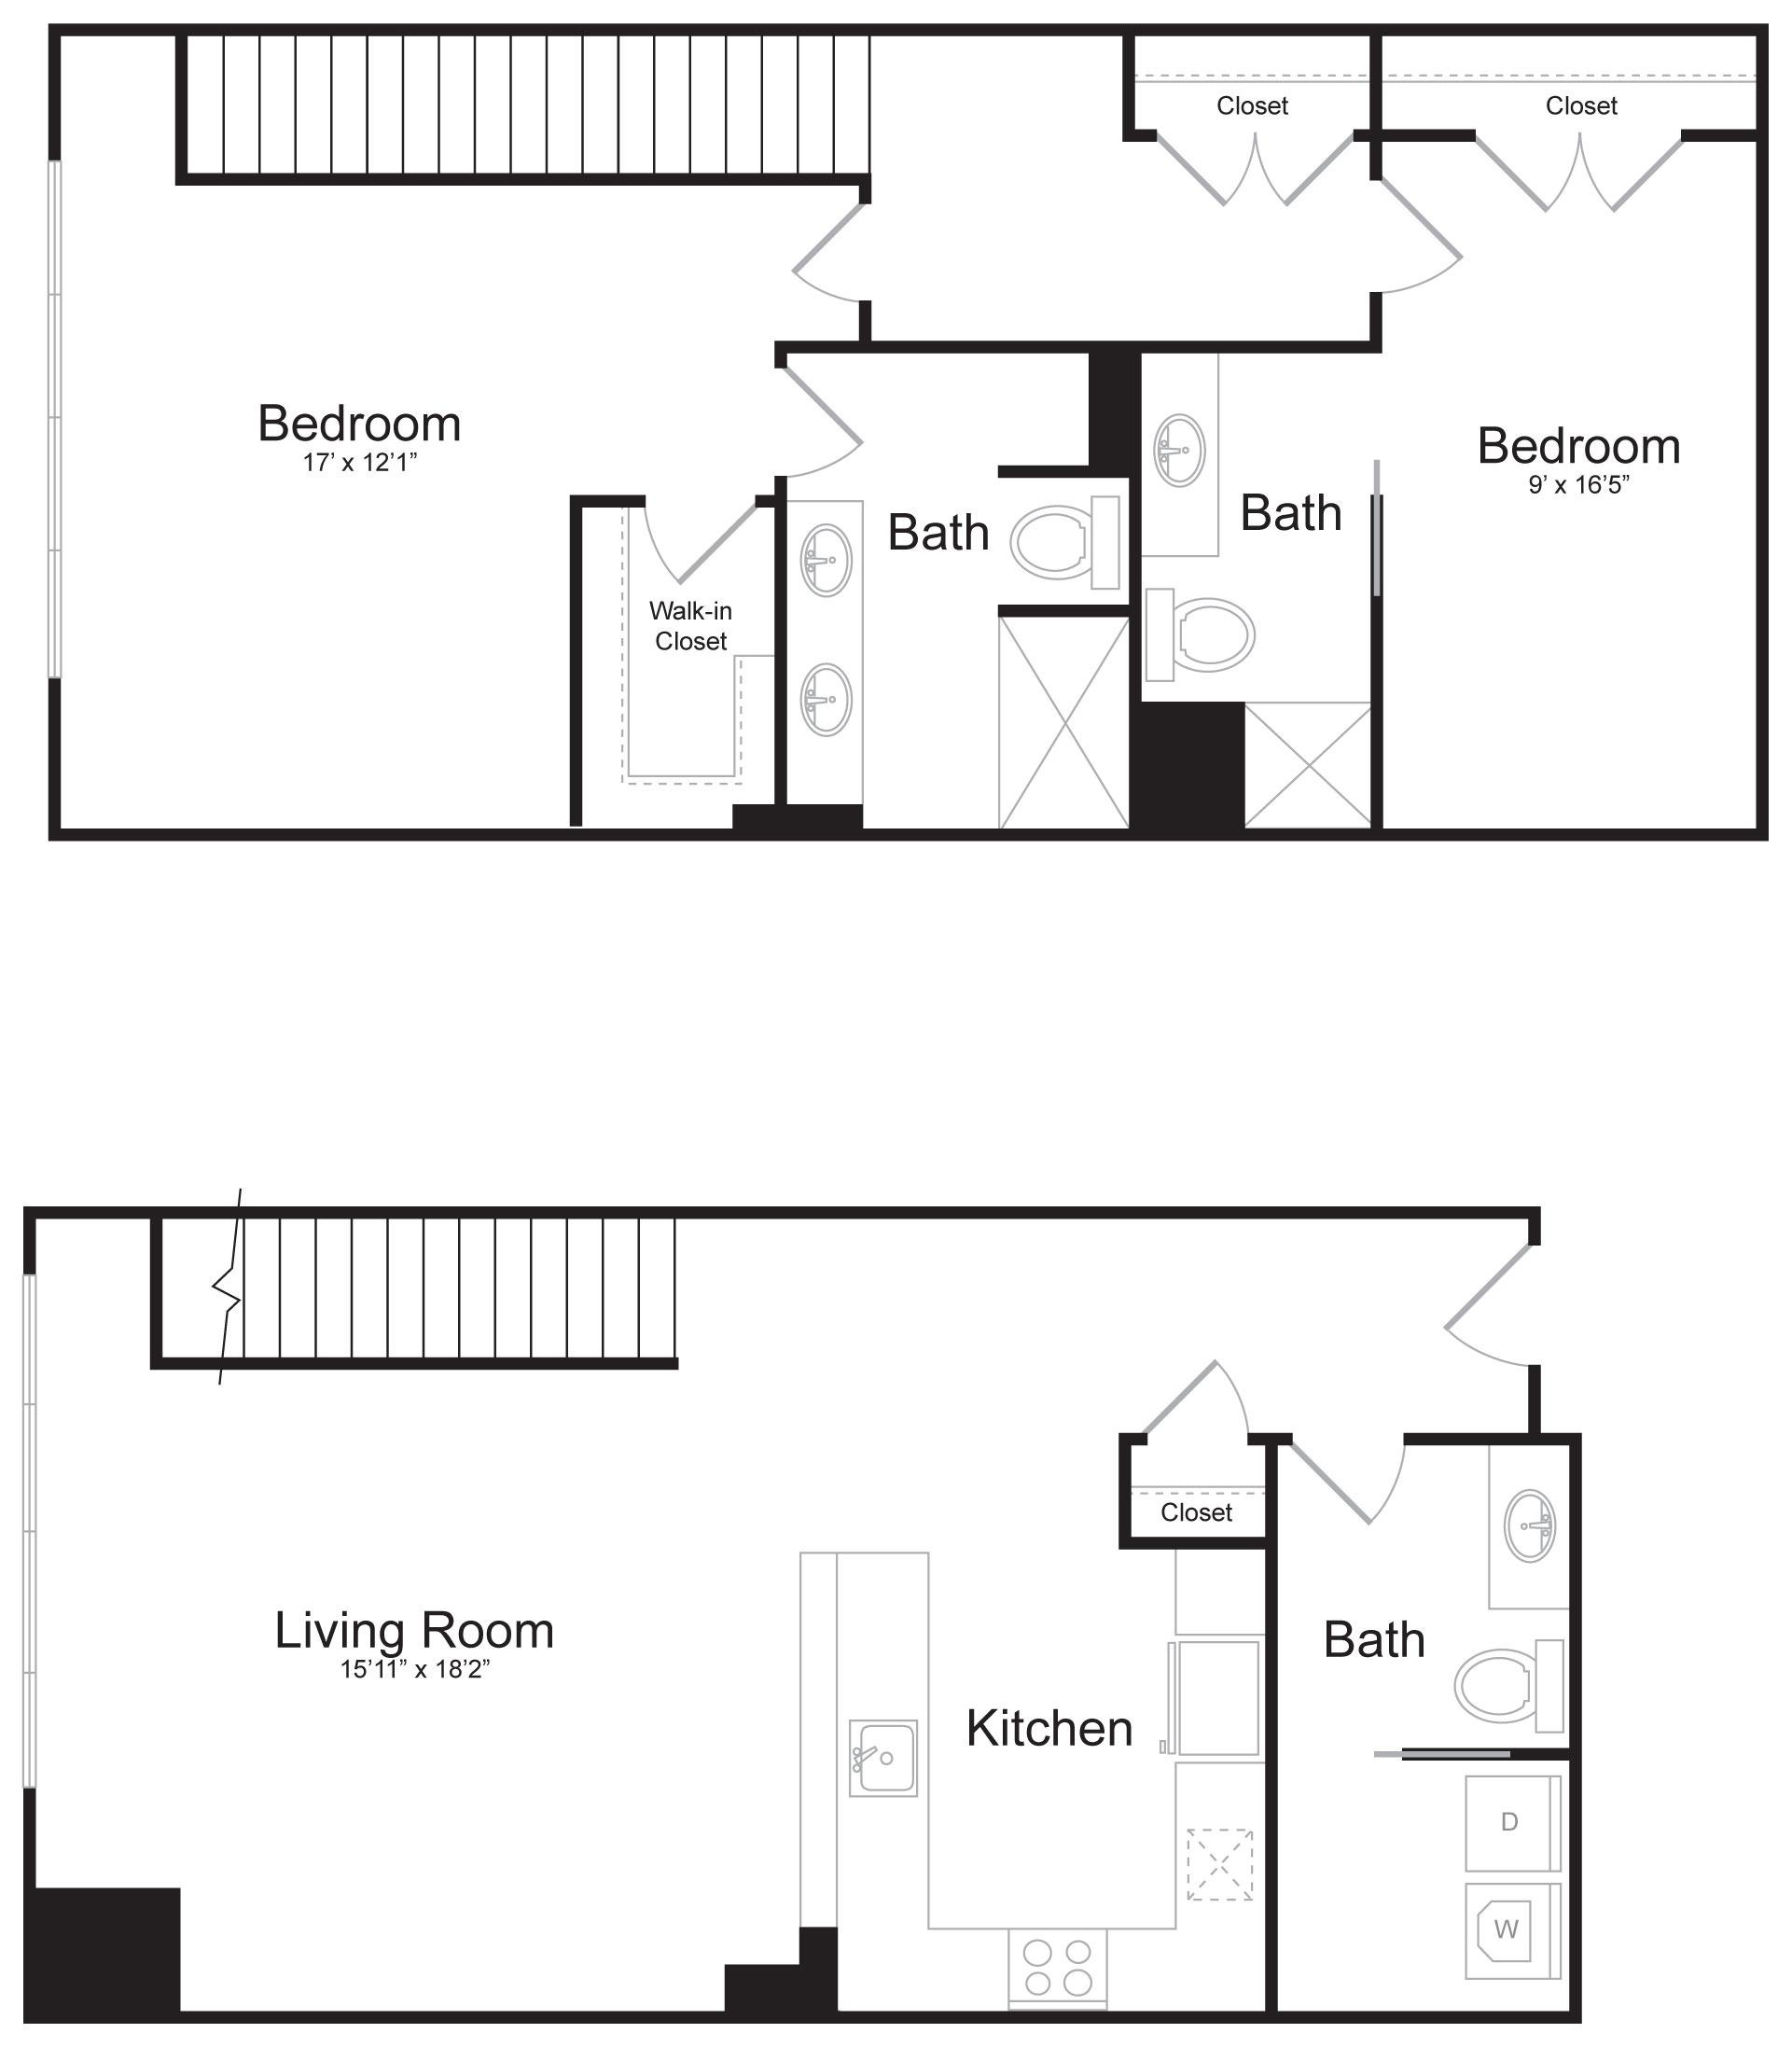 Duplex C1 - 2 Bed 2 Bath - 1,597 SF